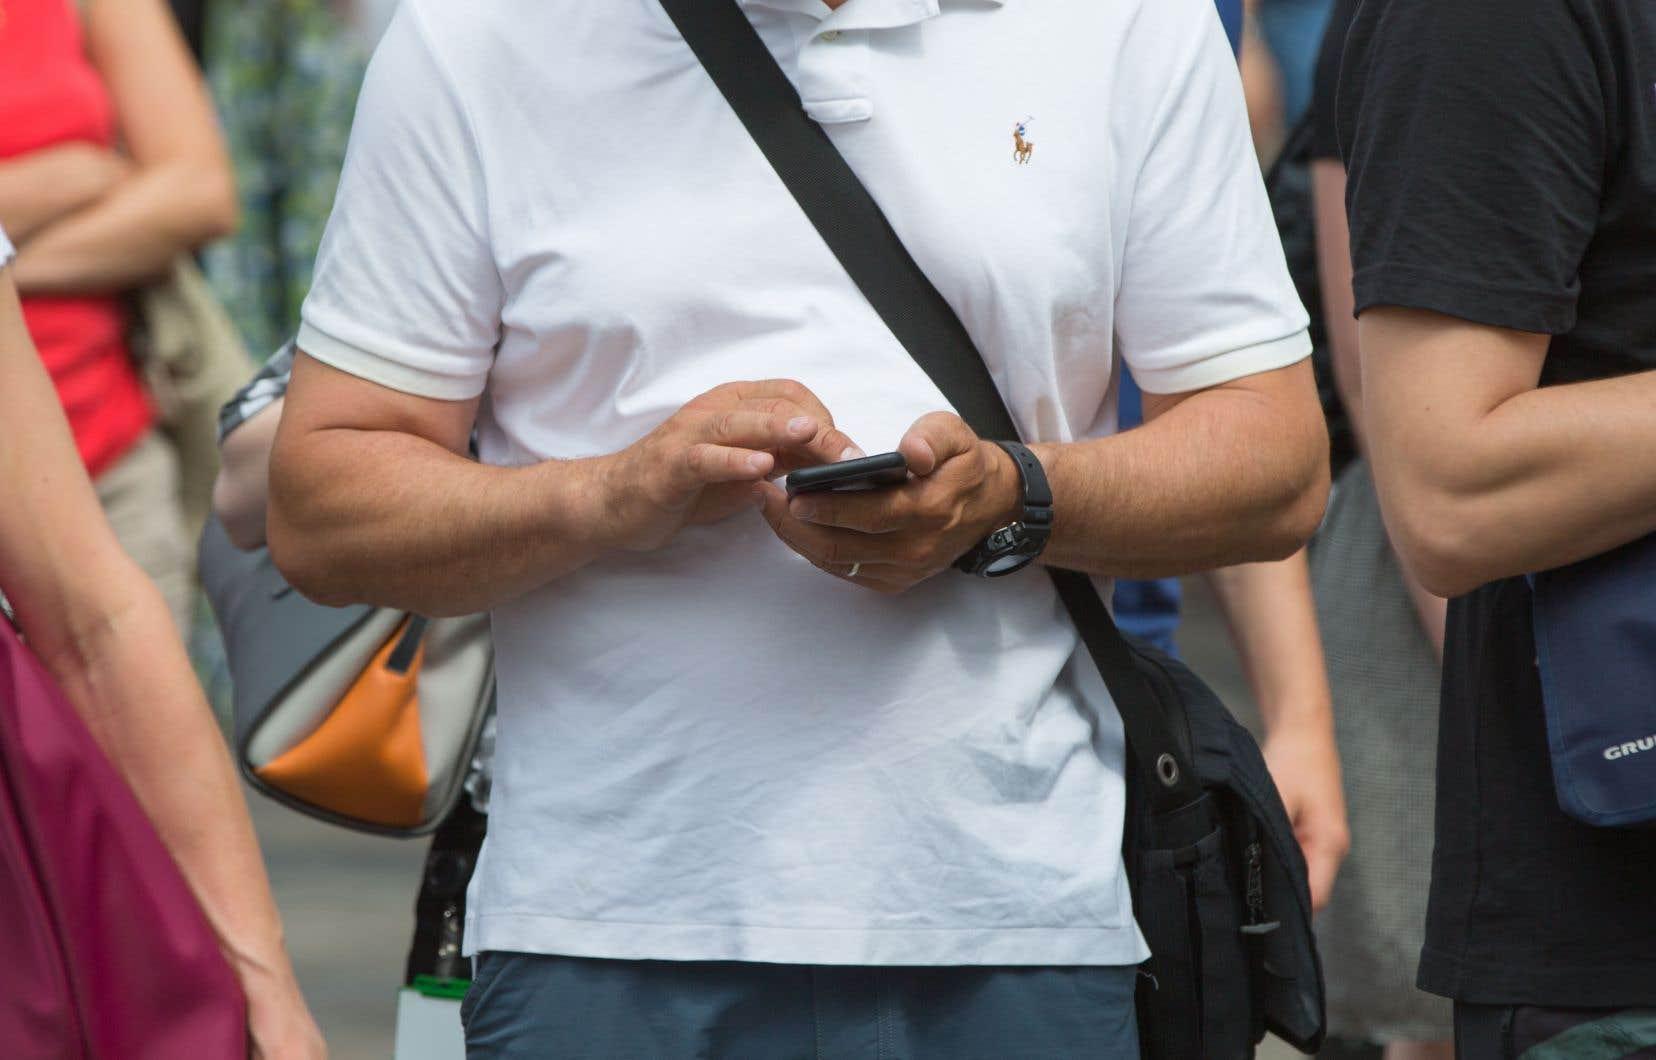 Catégorisées par service, les plaintes visent principalement le sans-fil, suivi de l'accès à Internet, du téléphone et de la télévision.